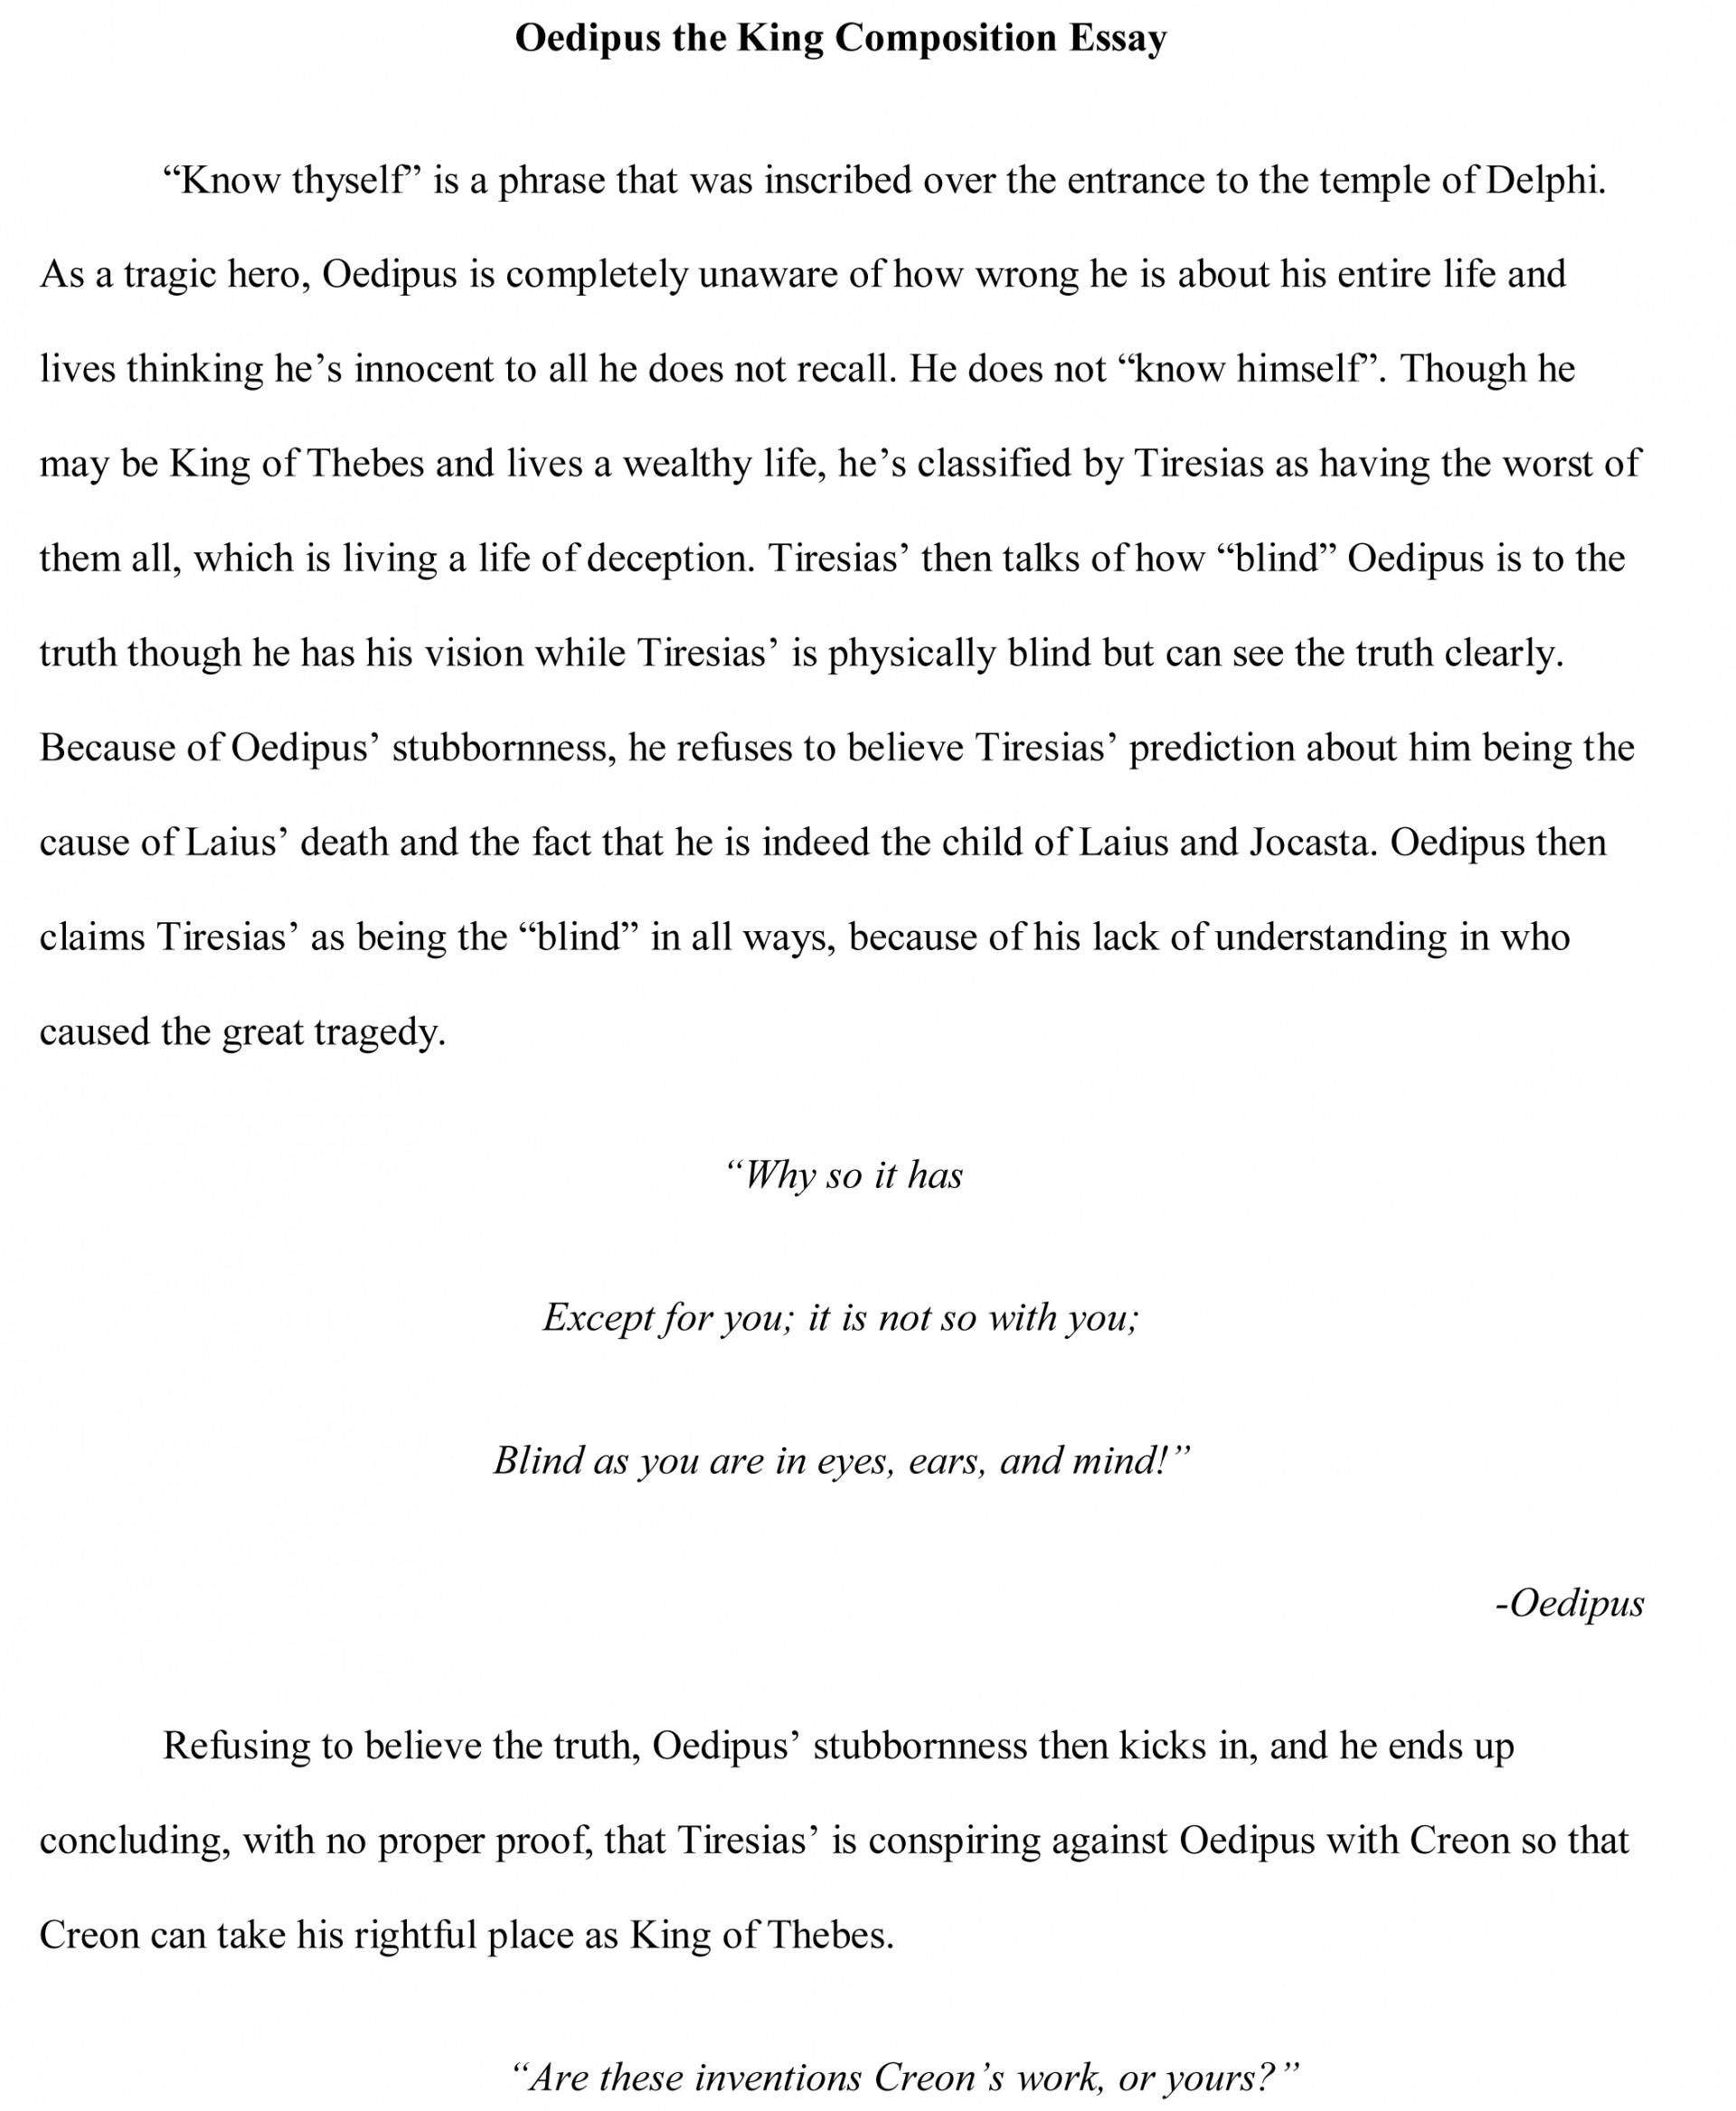 005 If I Were Blind Essay Example Oedipus Free Singular 1920